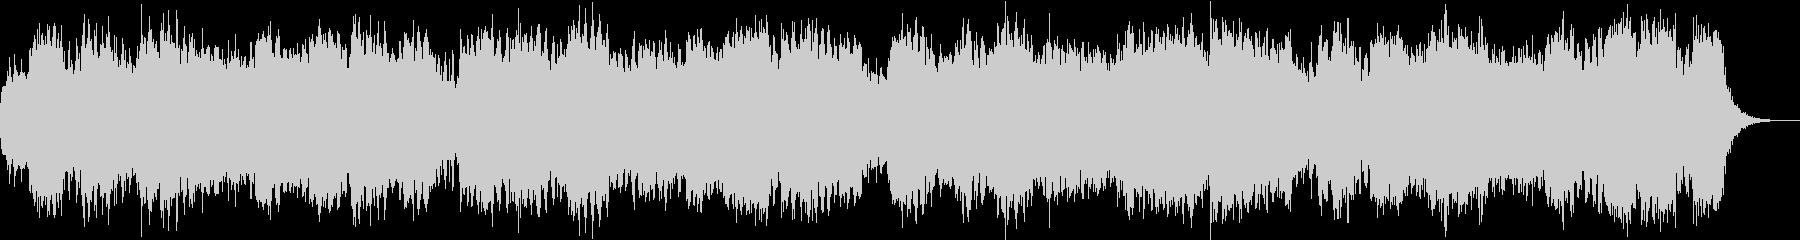 朝を知らせる444Hz音楽の未再生の波形